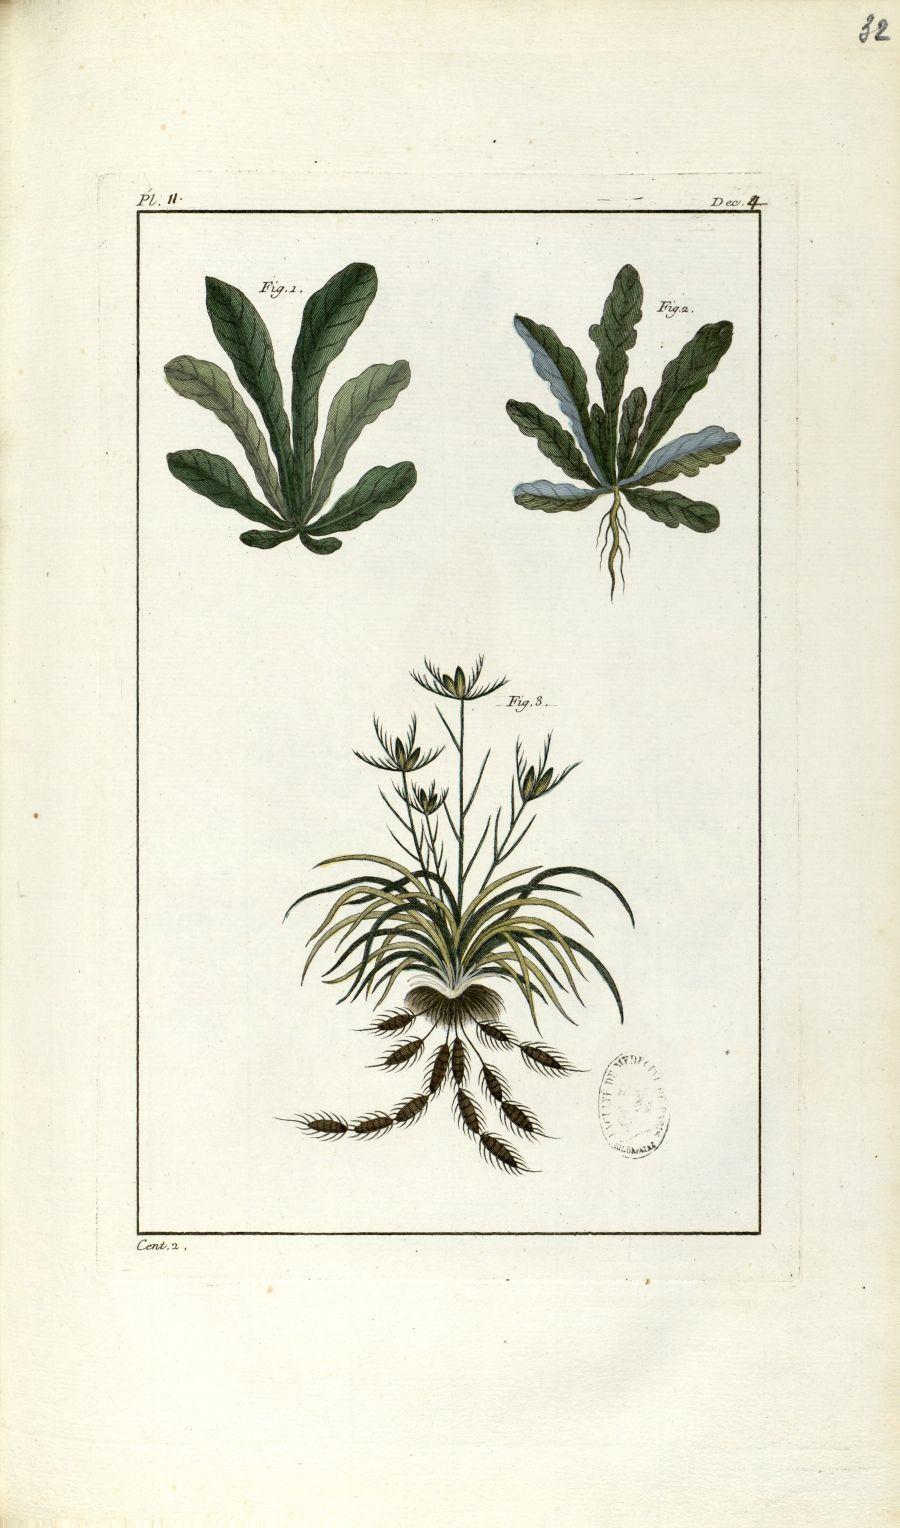 Planche II. Dec. 4. Cent. 2 - Herbier ou collection des plantes médicinales de la Chine d'après un m [...] - Botanique. Plantes (médecine). Chine. 18e siècle - med01989x0035